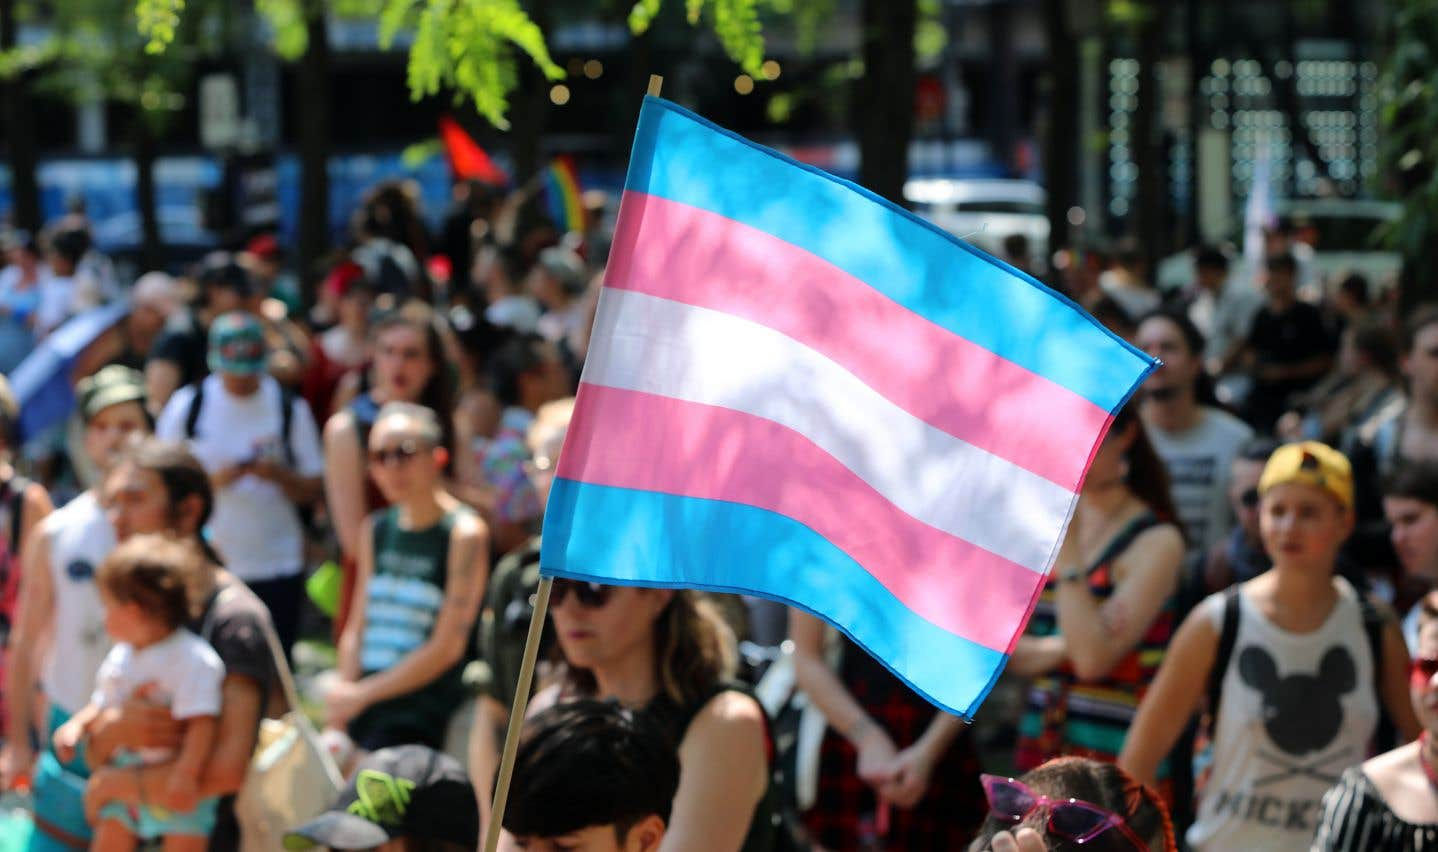 Sous un soleil plombant, des centaines de personnes défilaient fièrement sur la rue Sainte-Catherine pour célébrer l'identité trans.